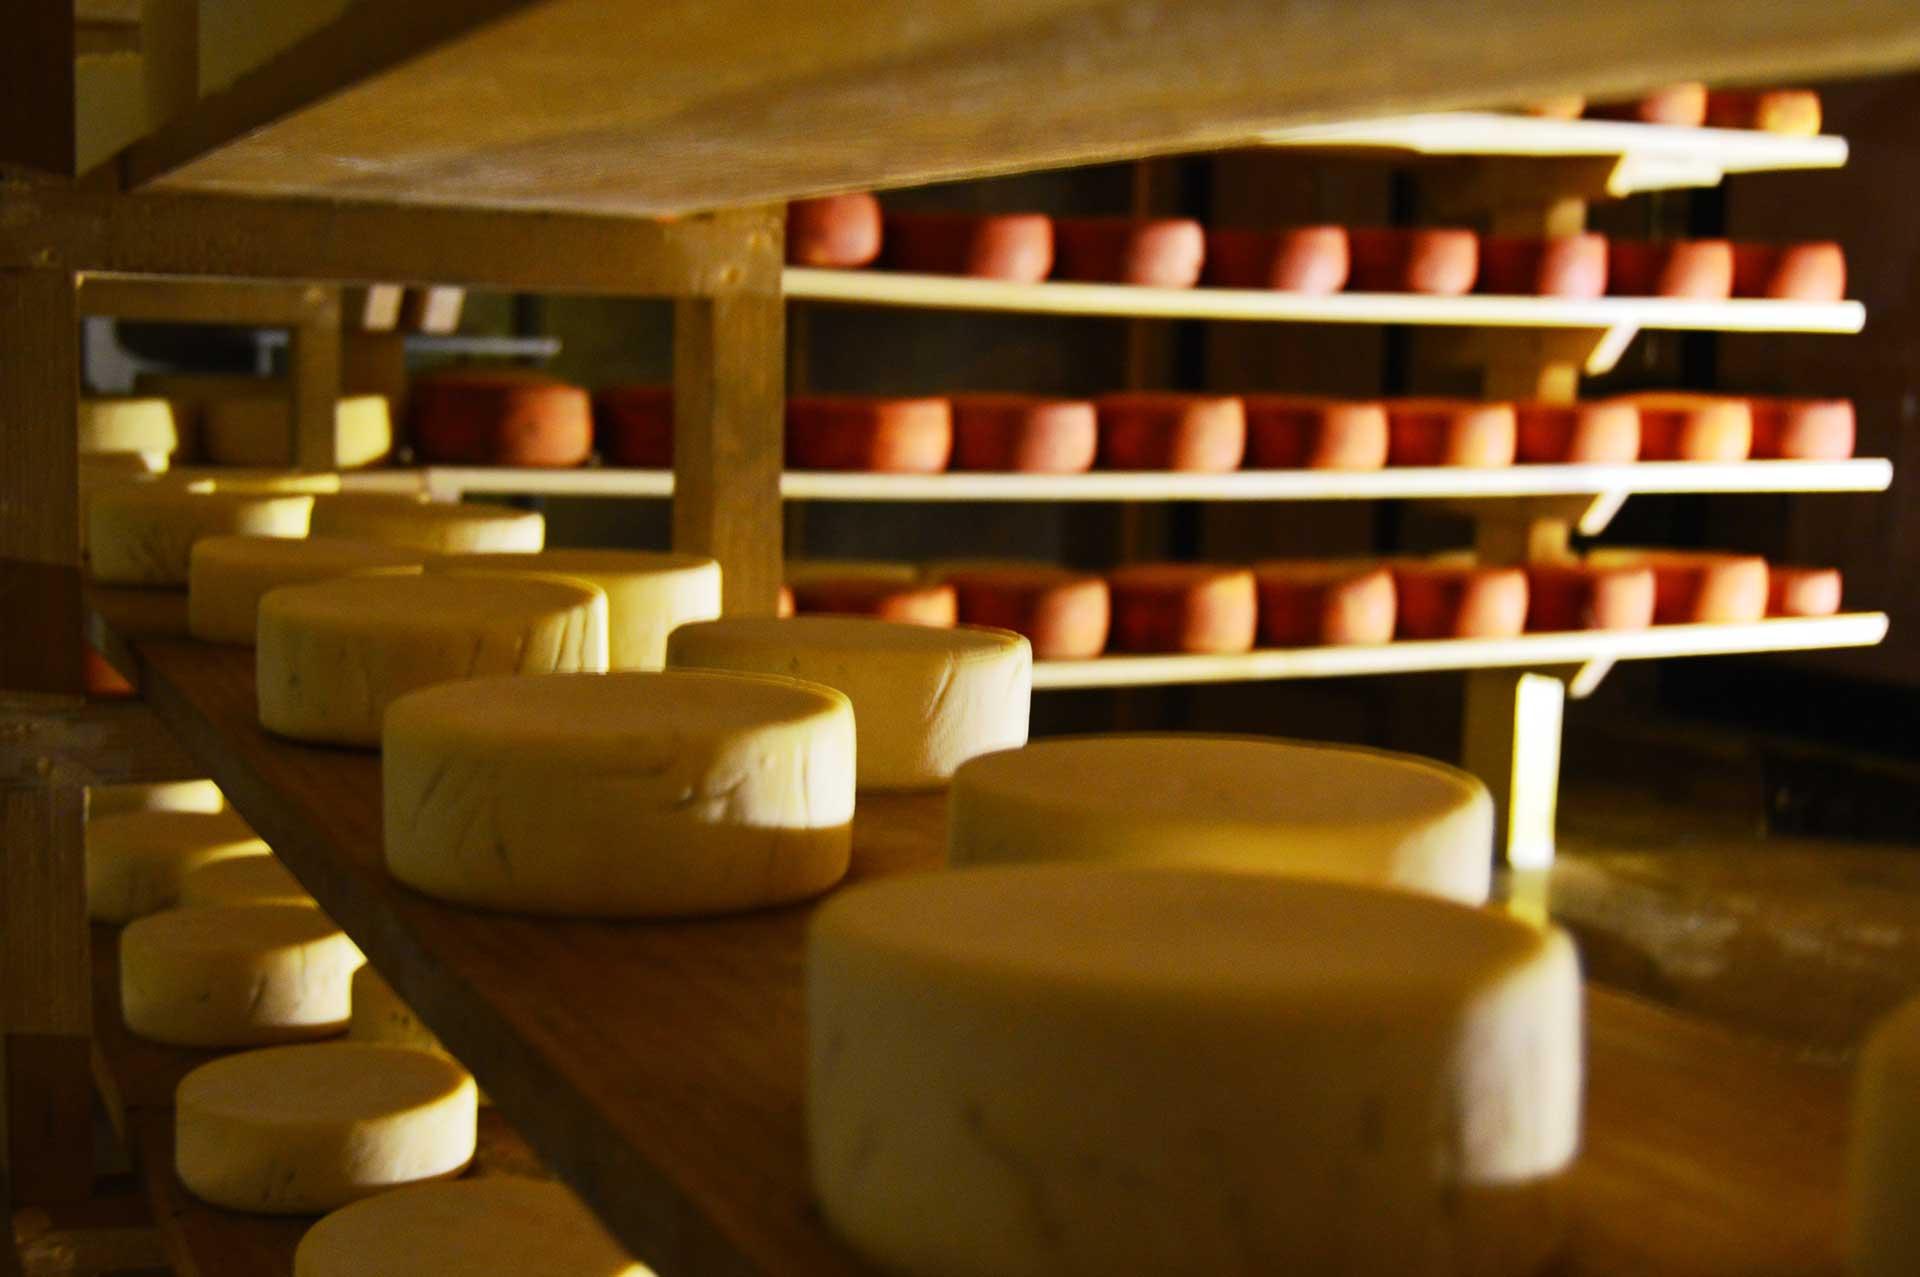 Viva el queso